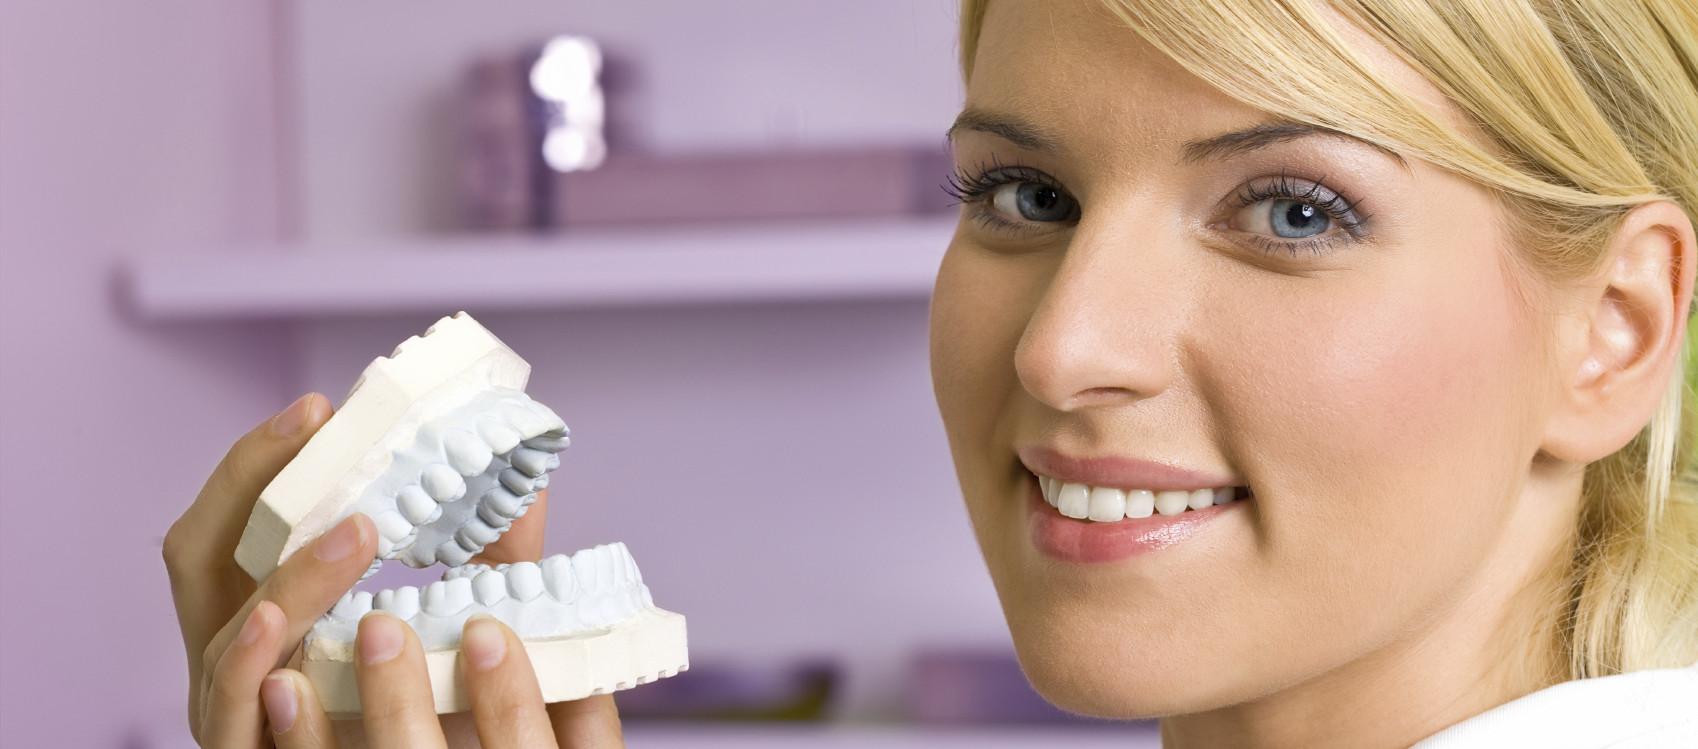 7 dicas sobre facetas em porcelana indispensáveis antes de iniciar o tratamento.